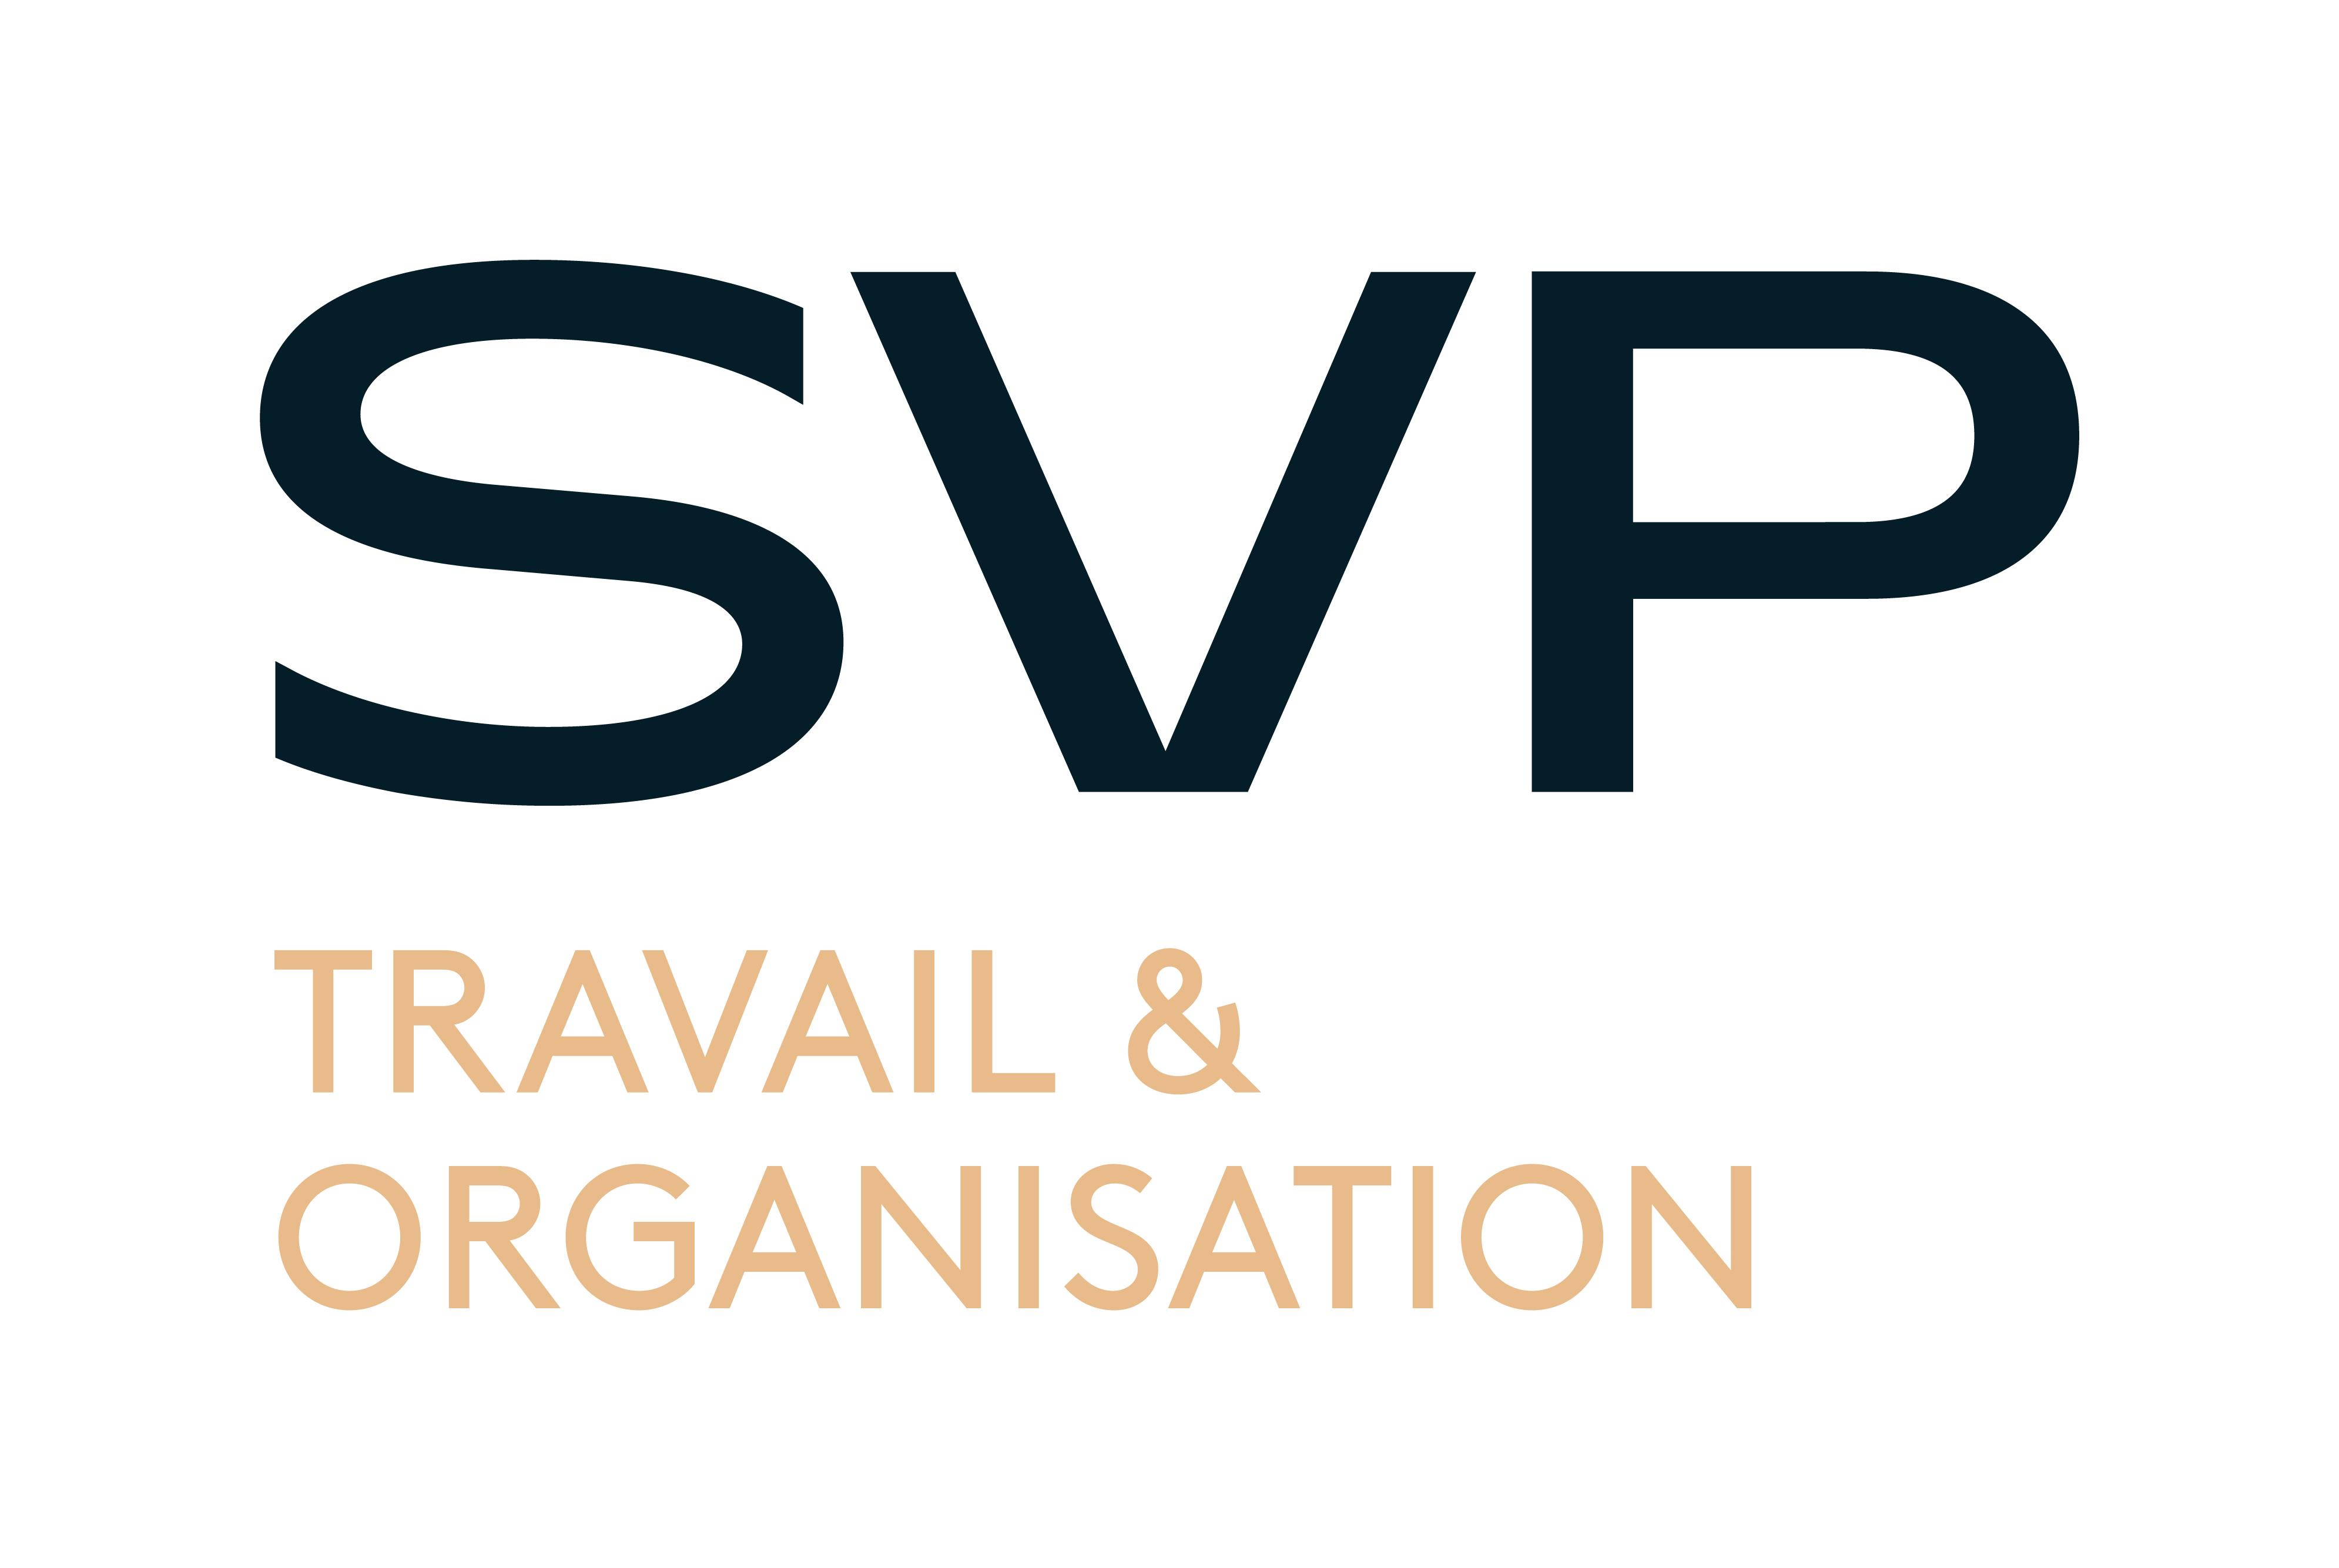 SVP Travail & Organisation